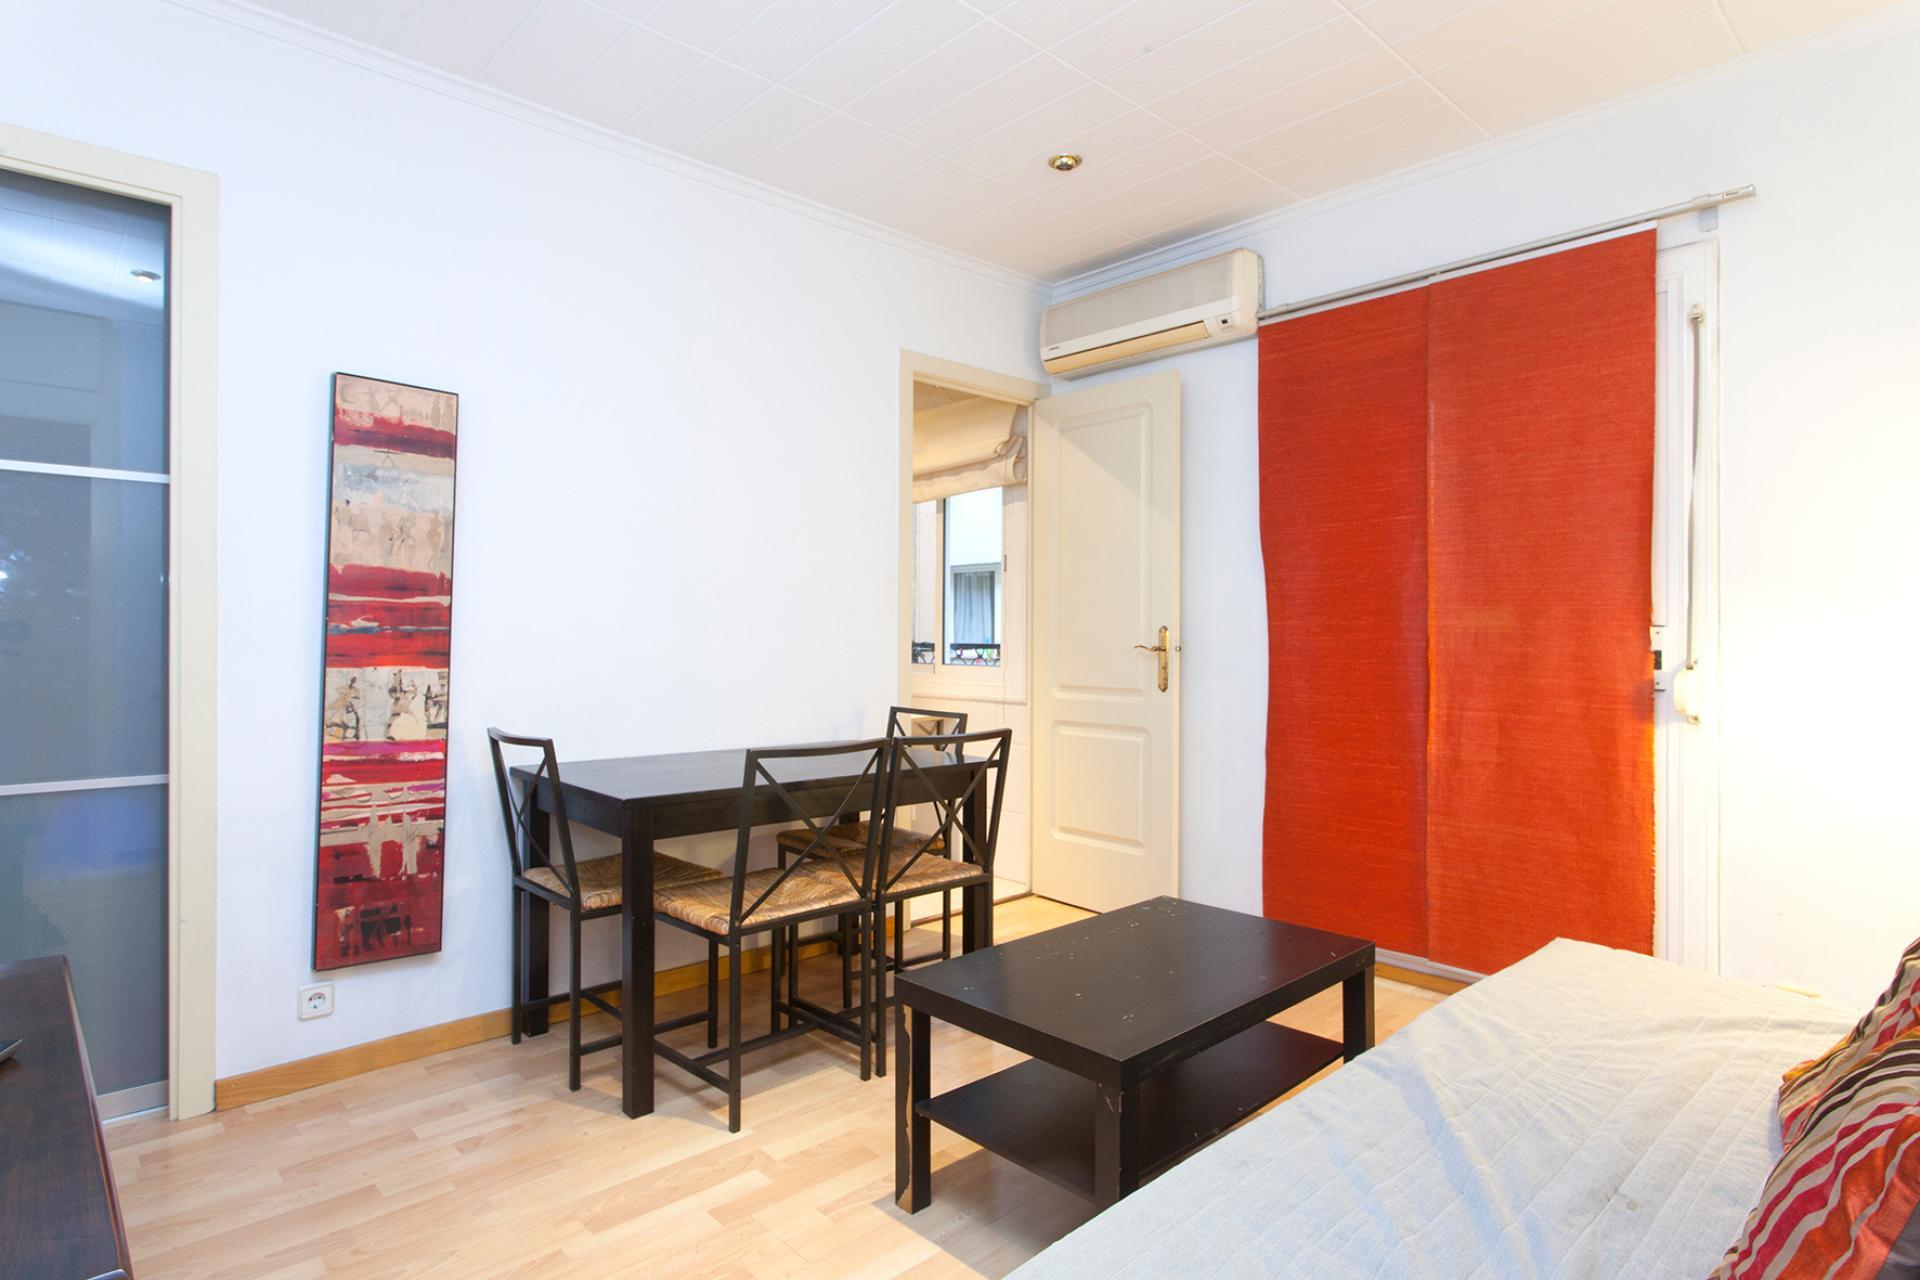 Shbarcelona piso en alquiler por temporadas en barceloneta - Alquiler piso por meses barcelona ...